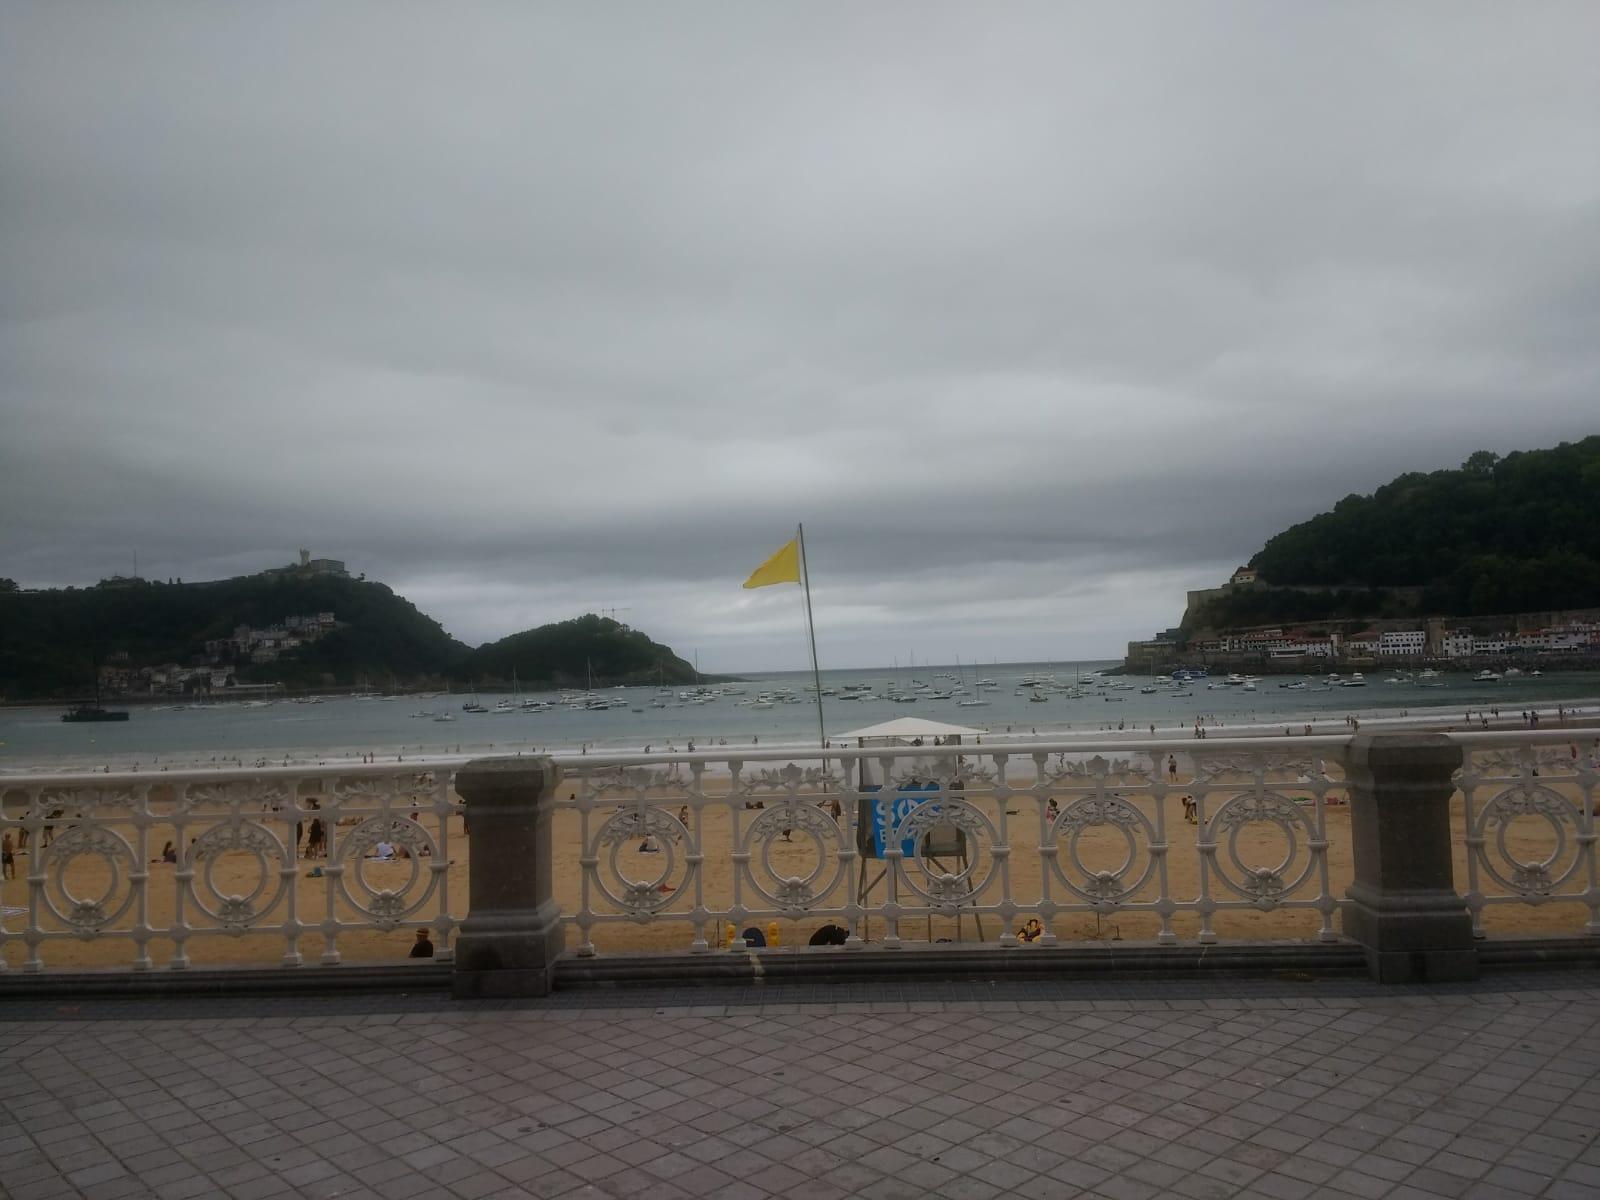 Hoy viernes bandera amarilla en la Concha. Foto: Antonio Alonso